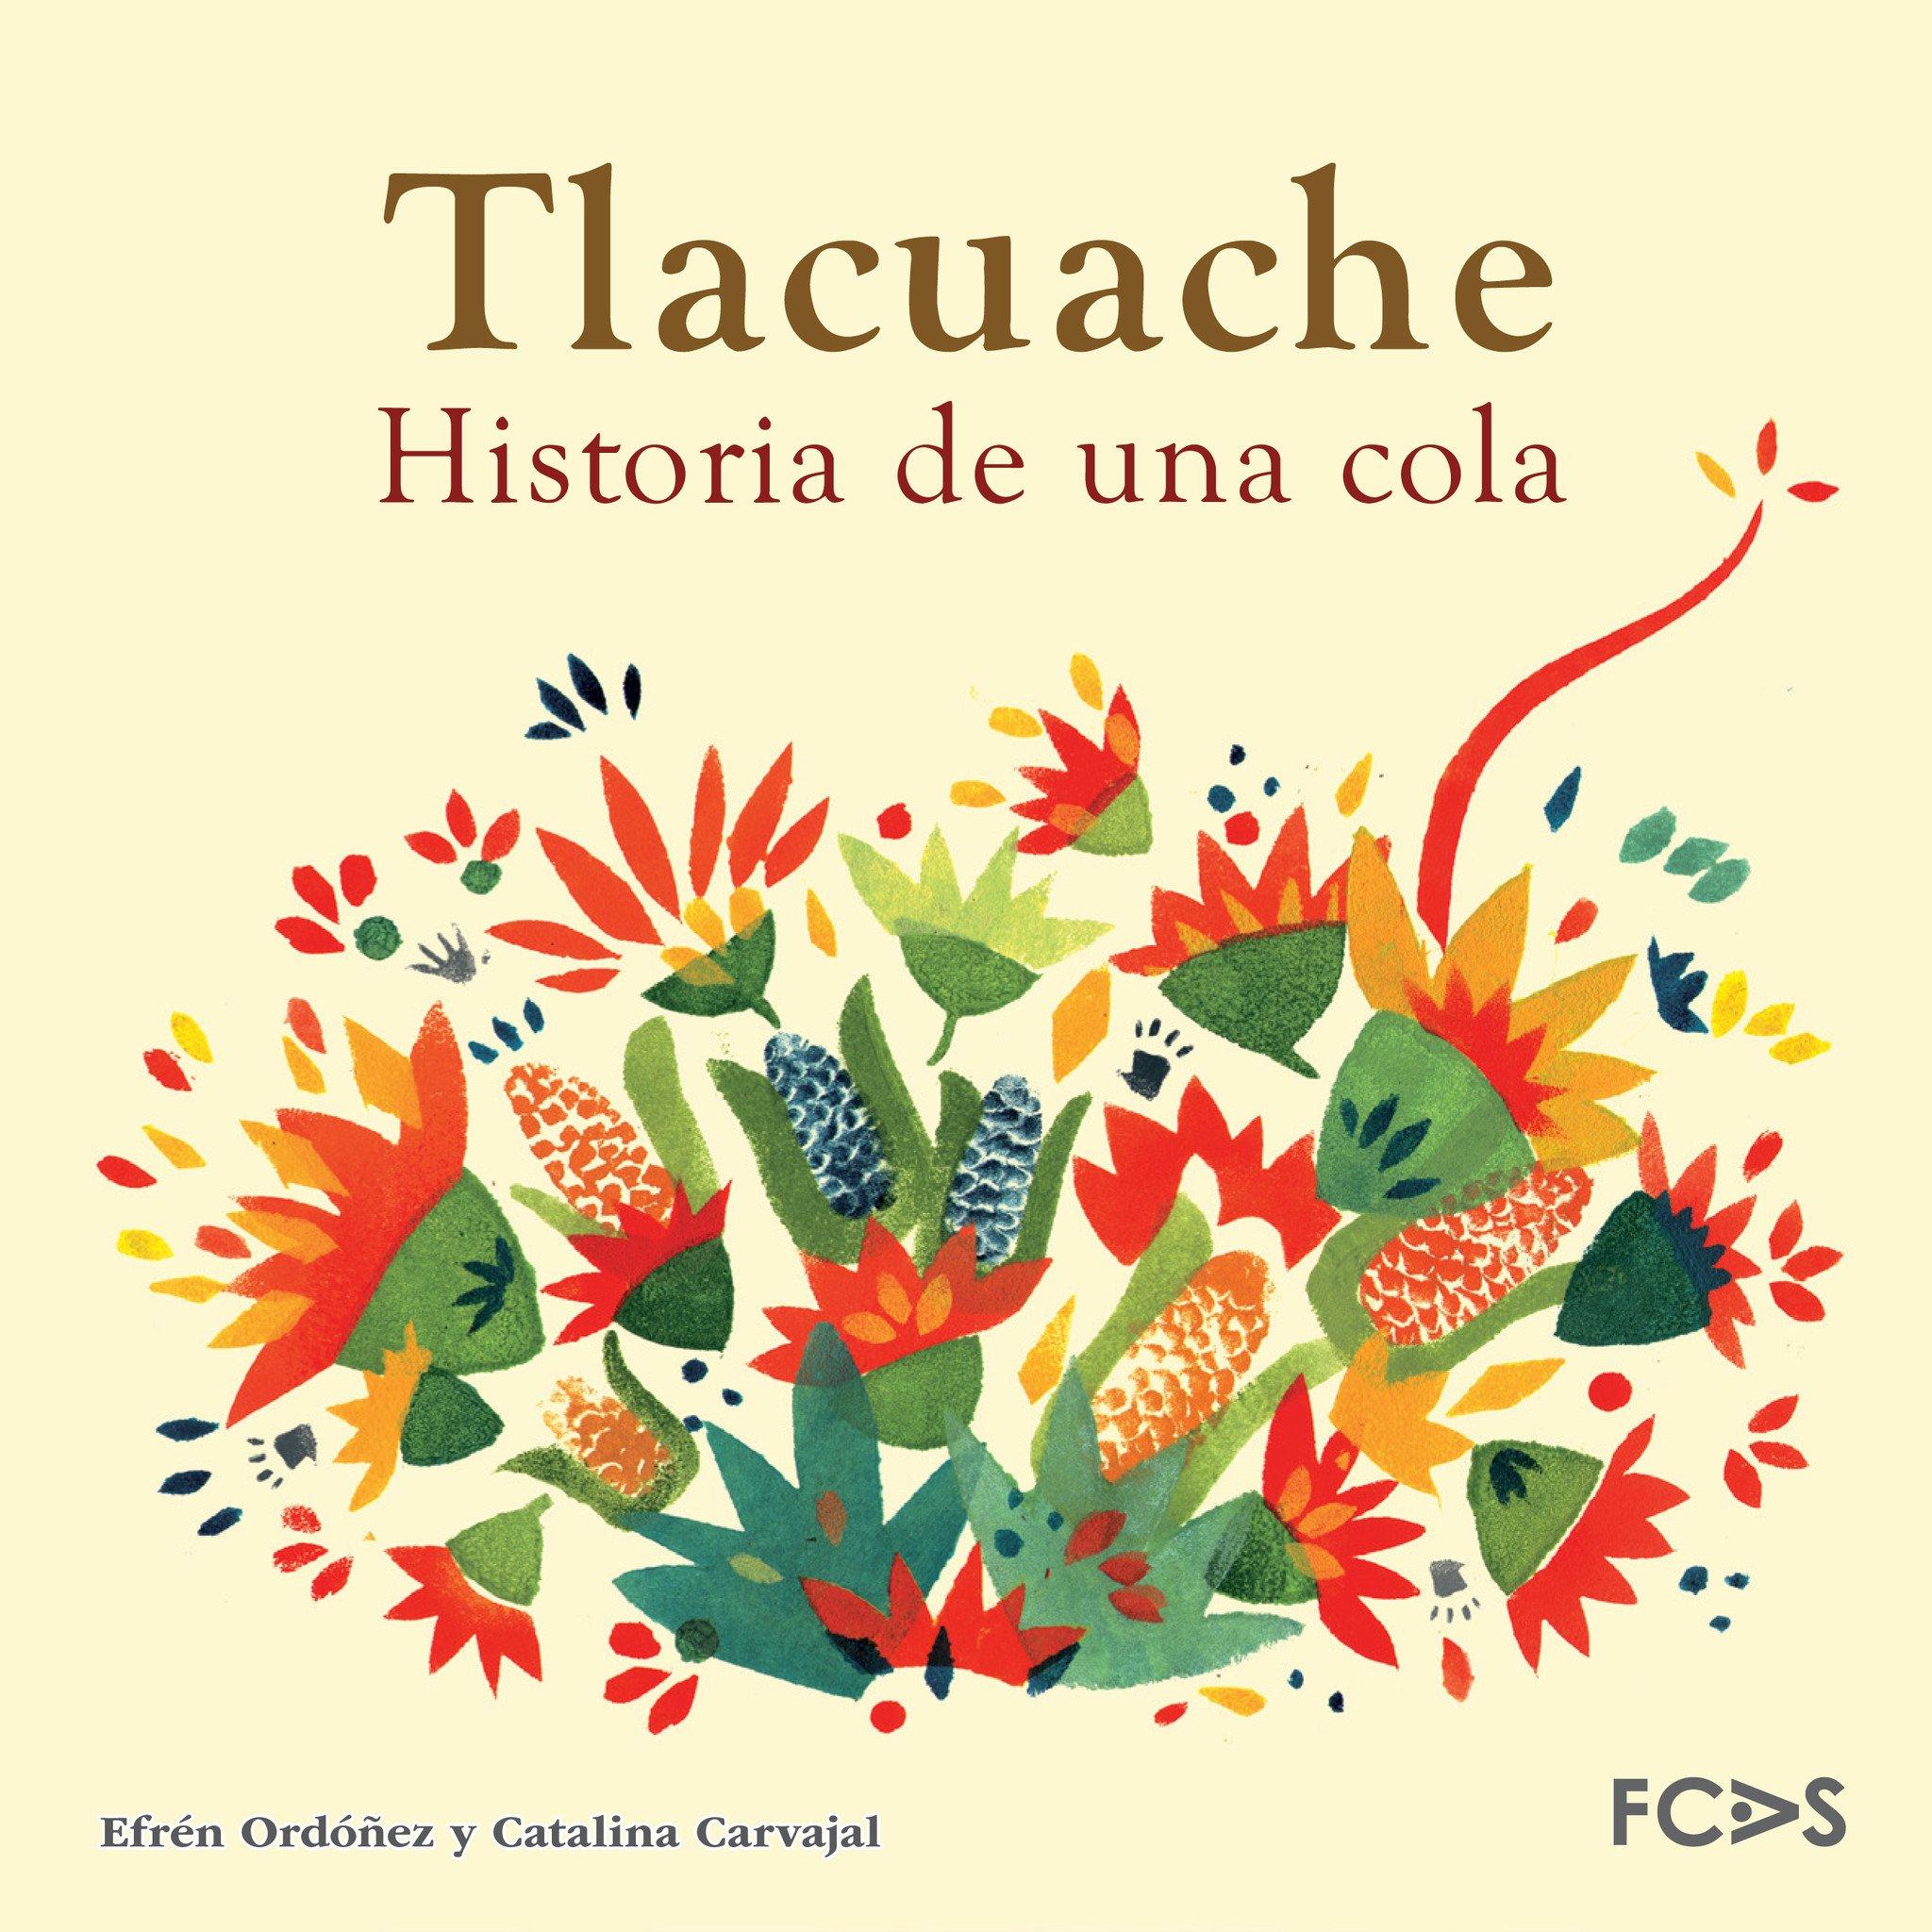 Tlacuache. Historia de una cola